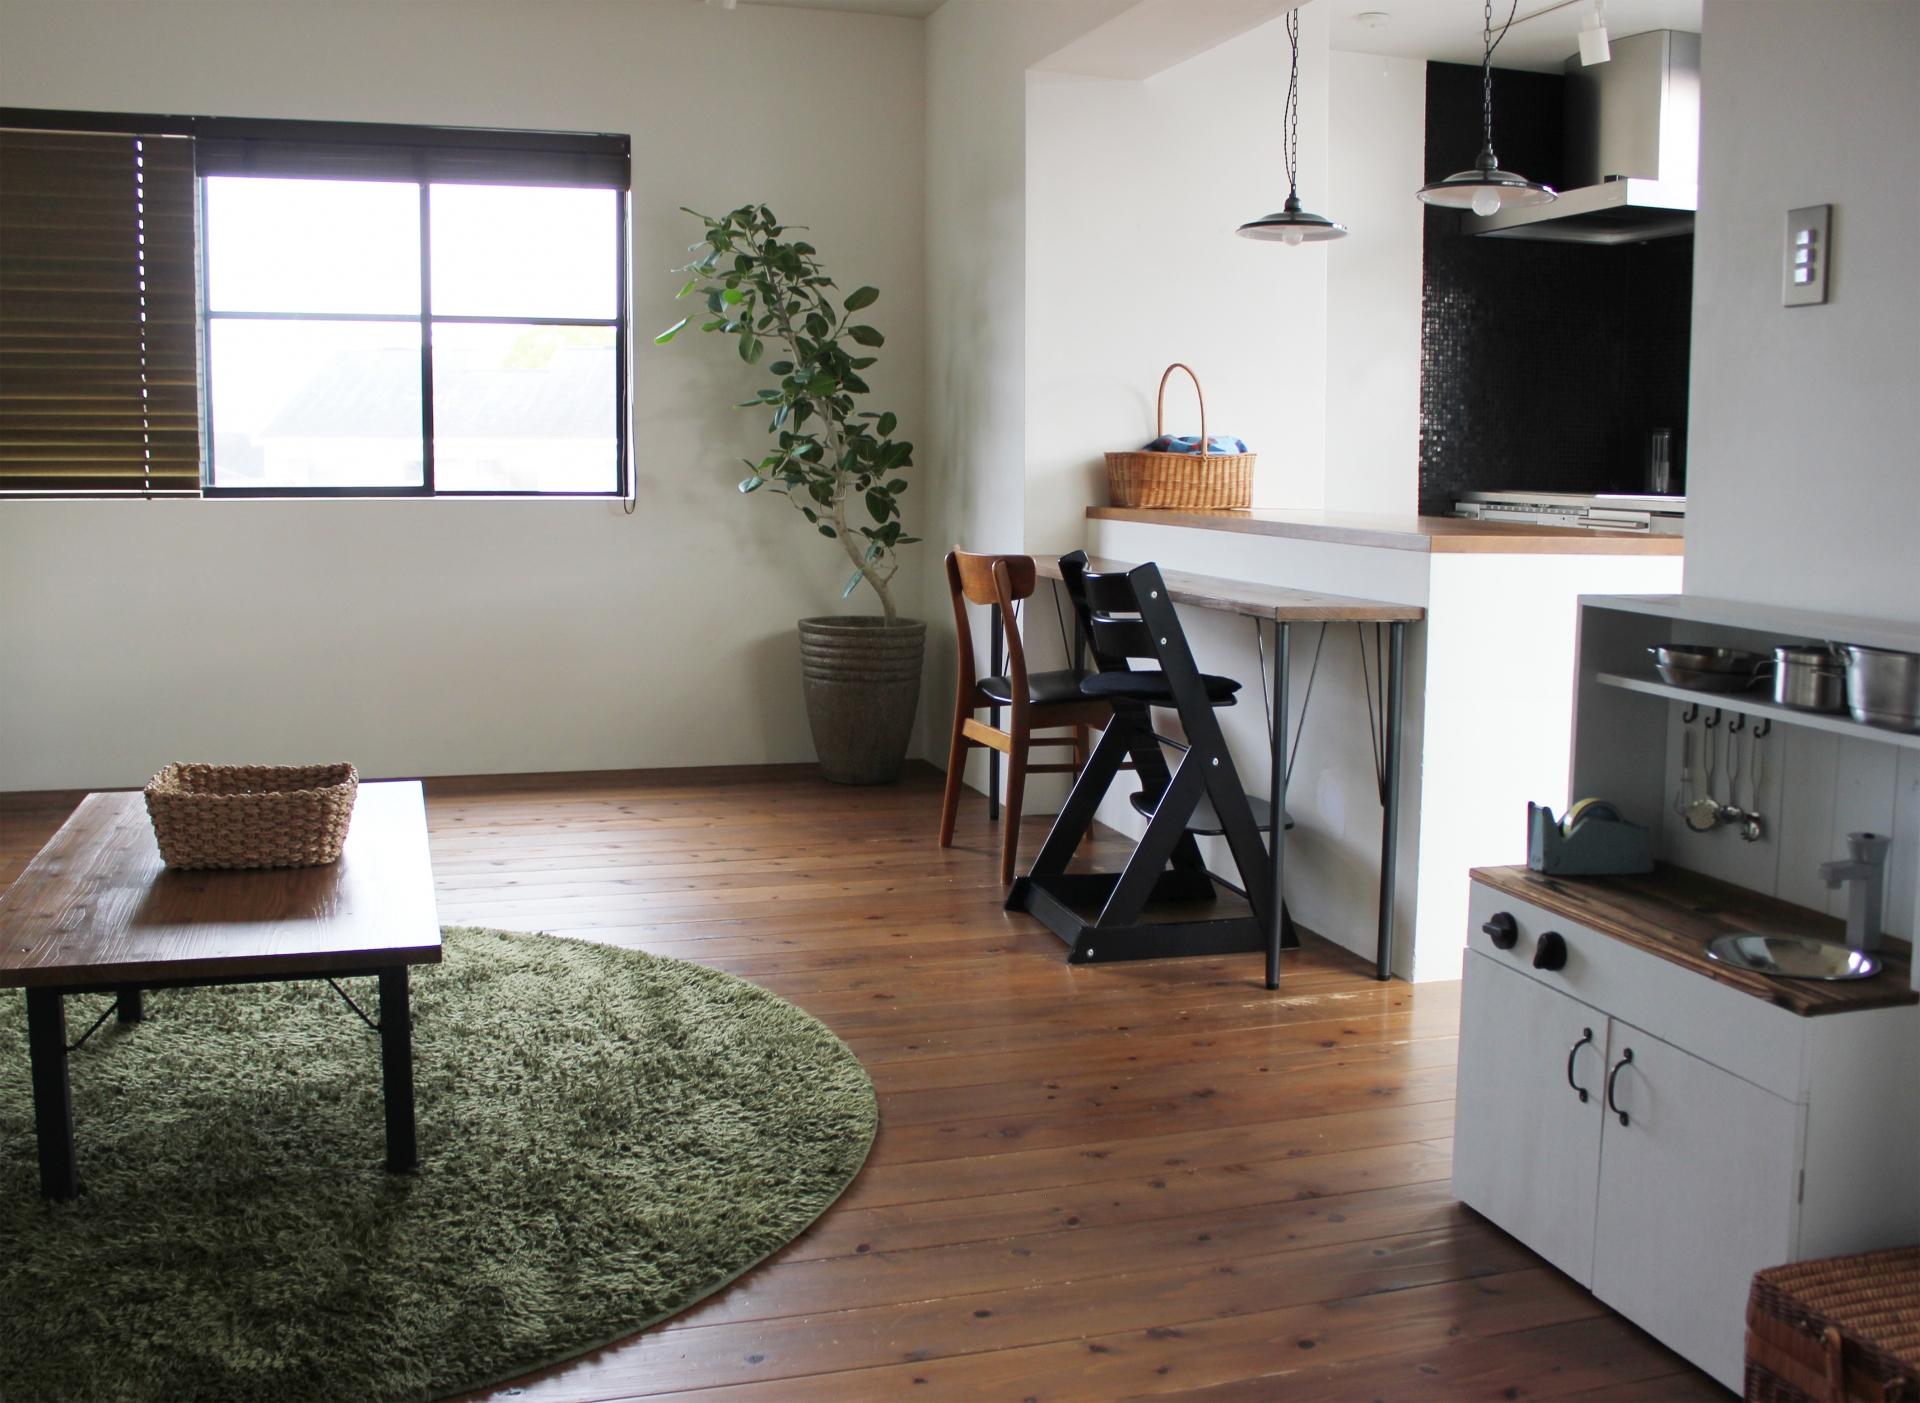 リサイクルショップ綾瀬市「部屋が片付く」と好評!出張買取ならアシスト